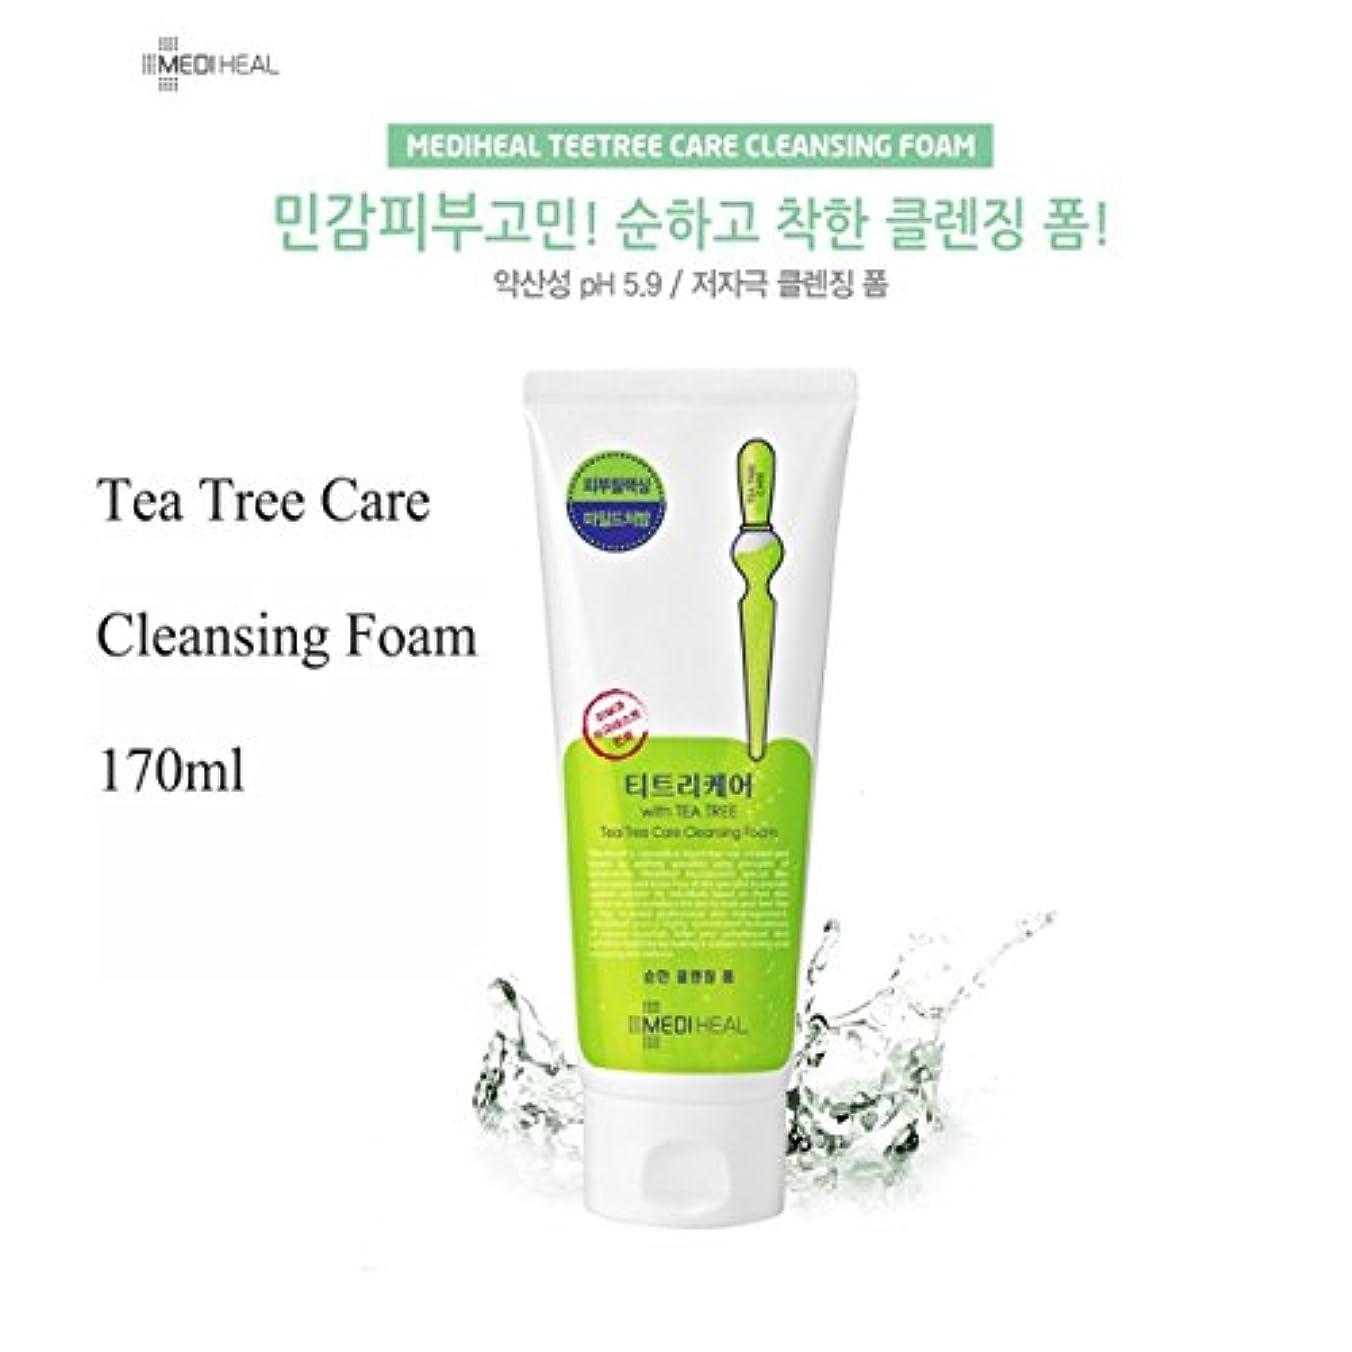 する必要がある信じる何MEDIHEAL Tea Tree Foam Cleansing 170ml/メディヒール ティー ツリー フォーム クレンジング 170ml